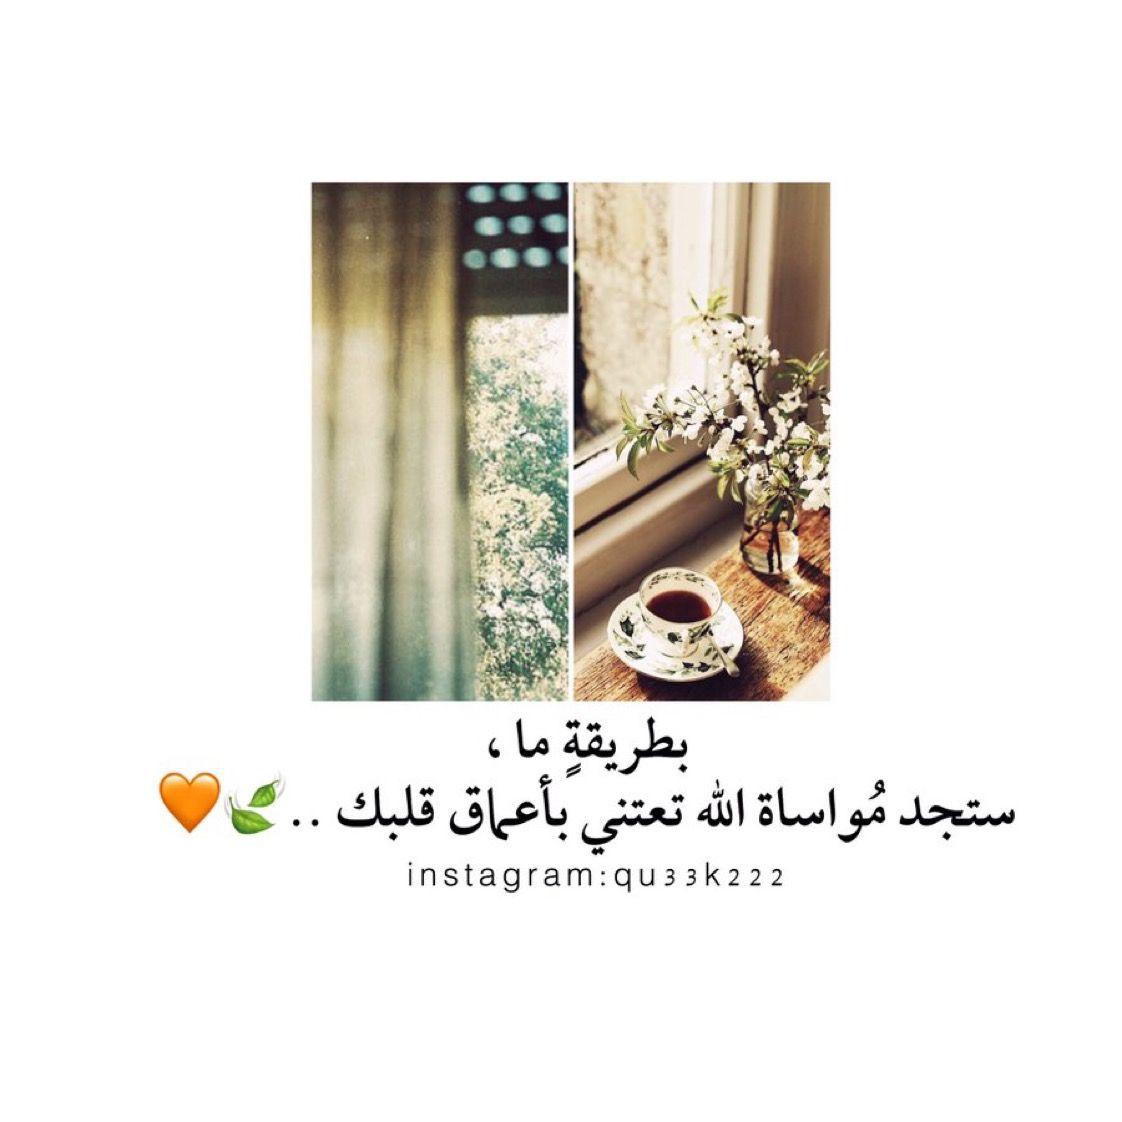 بطريقة ما ستجد م واساة الله تعتني بأعماق قلبك Arabic Quotes Instagram Quotes